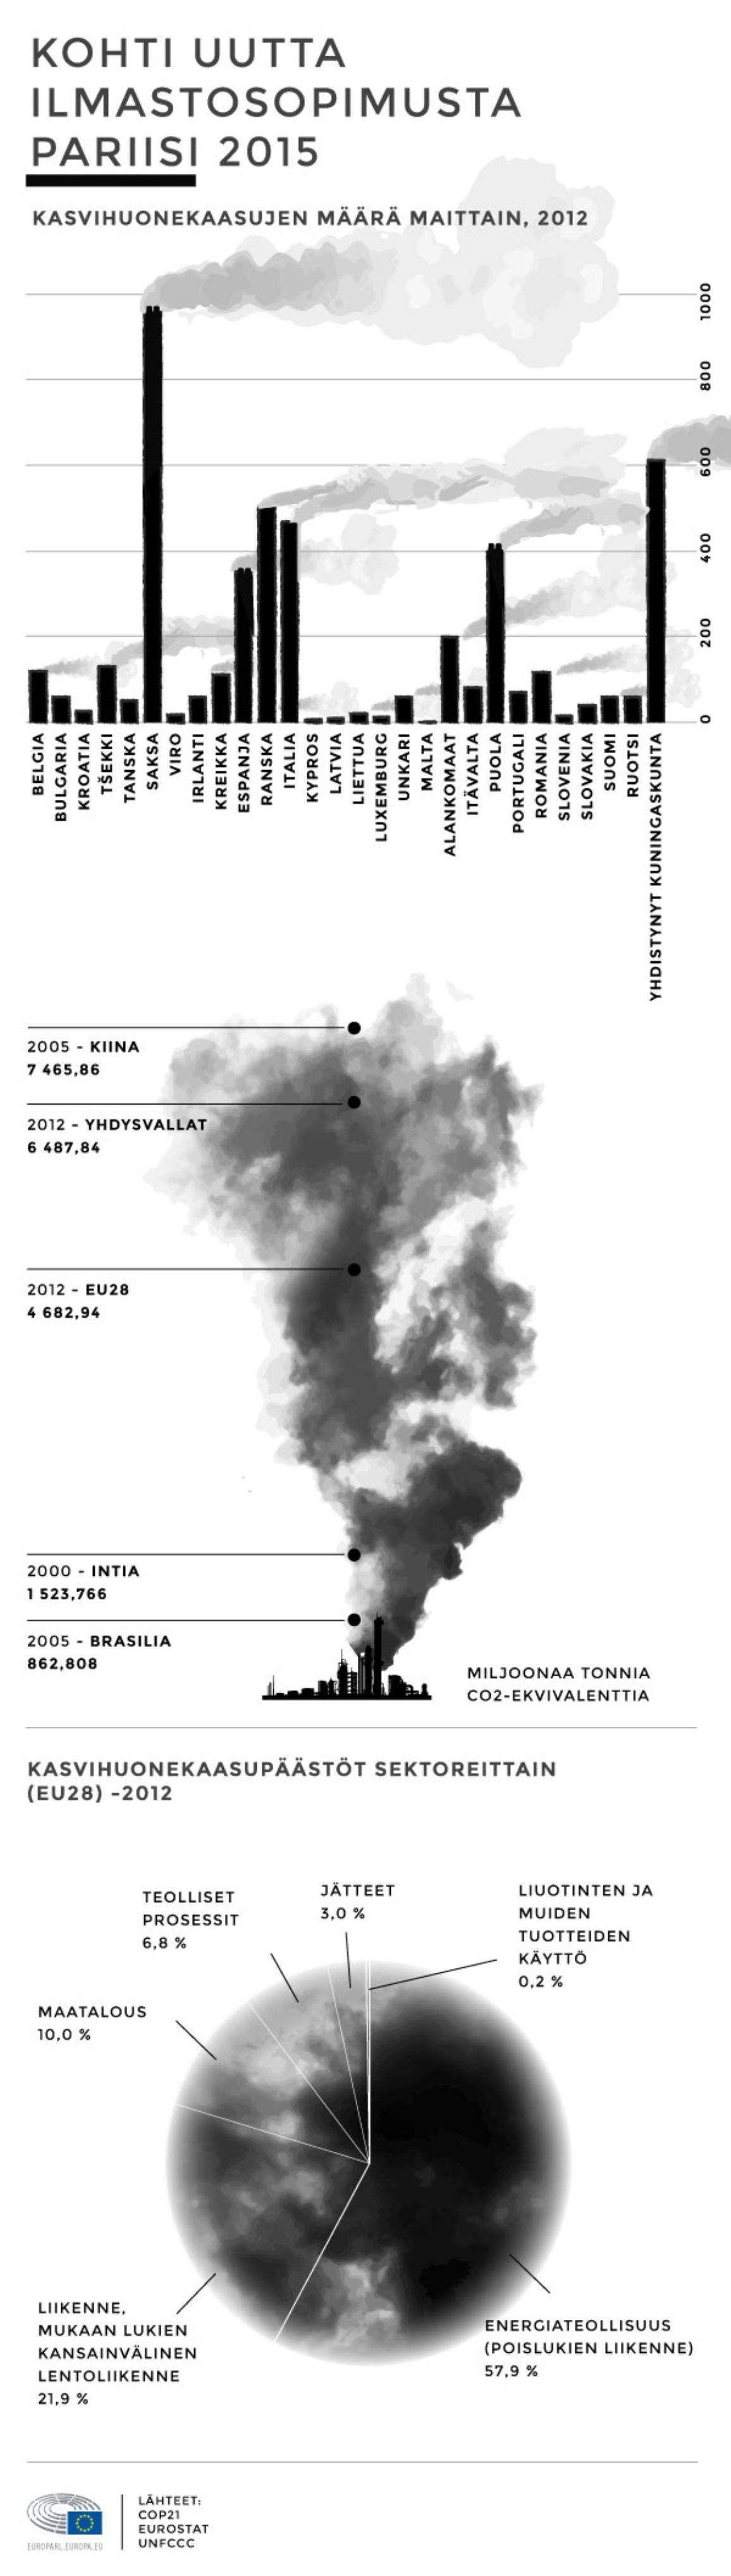 Päästöjen määrä maittain ja muita tärkeitä faktoja liittyen Pariisin ilmastokokoukseen valmistautumiseen.